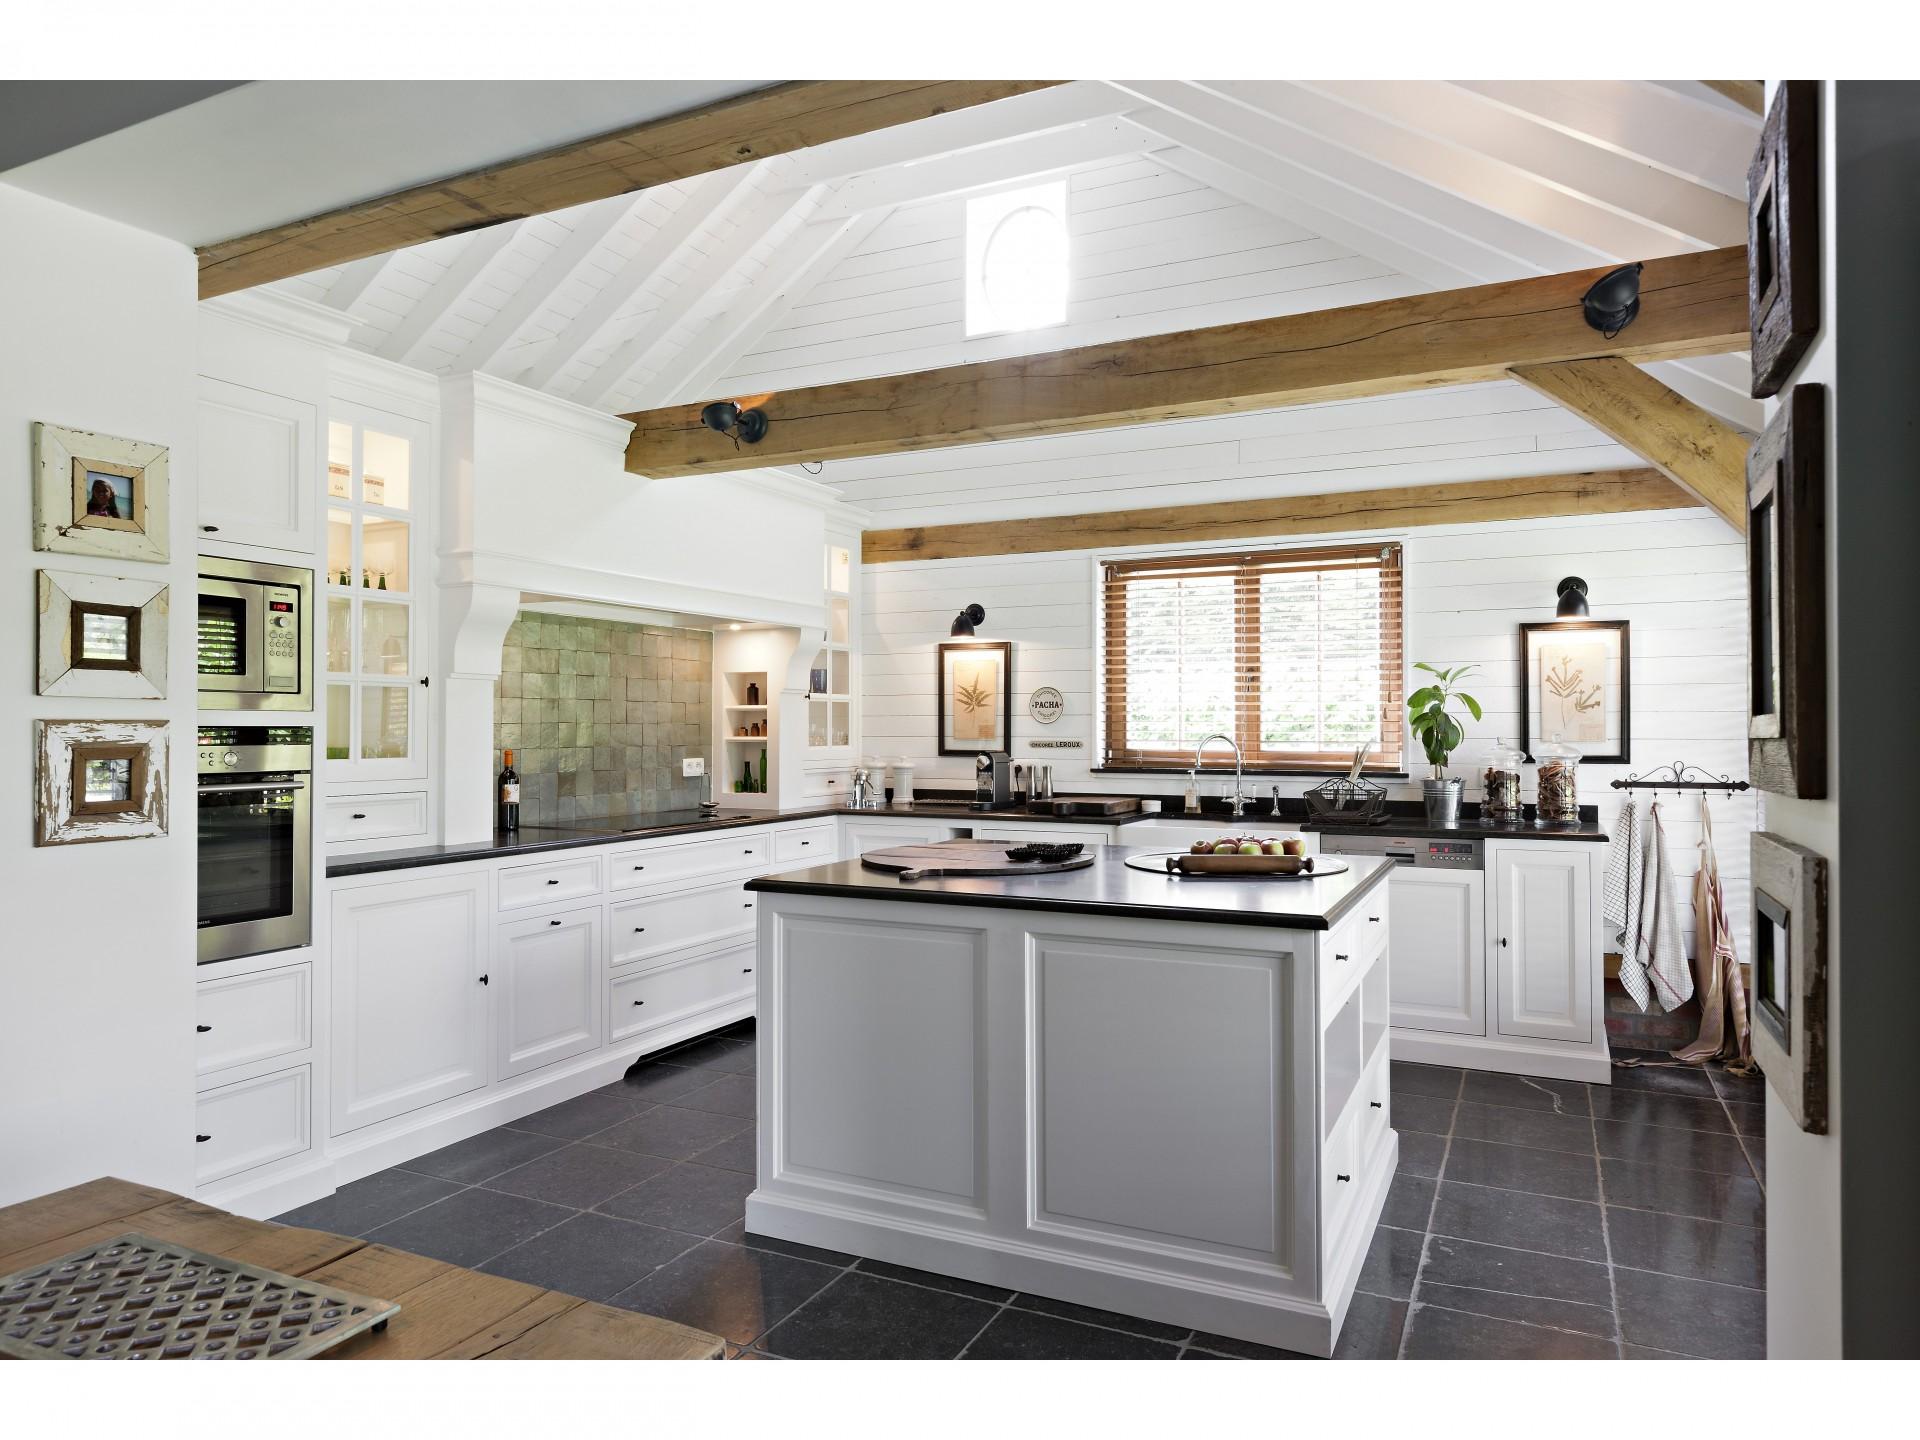 Couleur Mur Cuisine Blanche Et Grise la cuisine blanche - le blog des cuisines